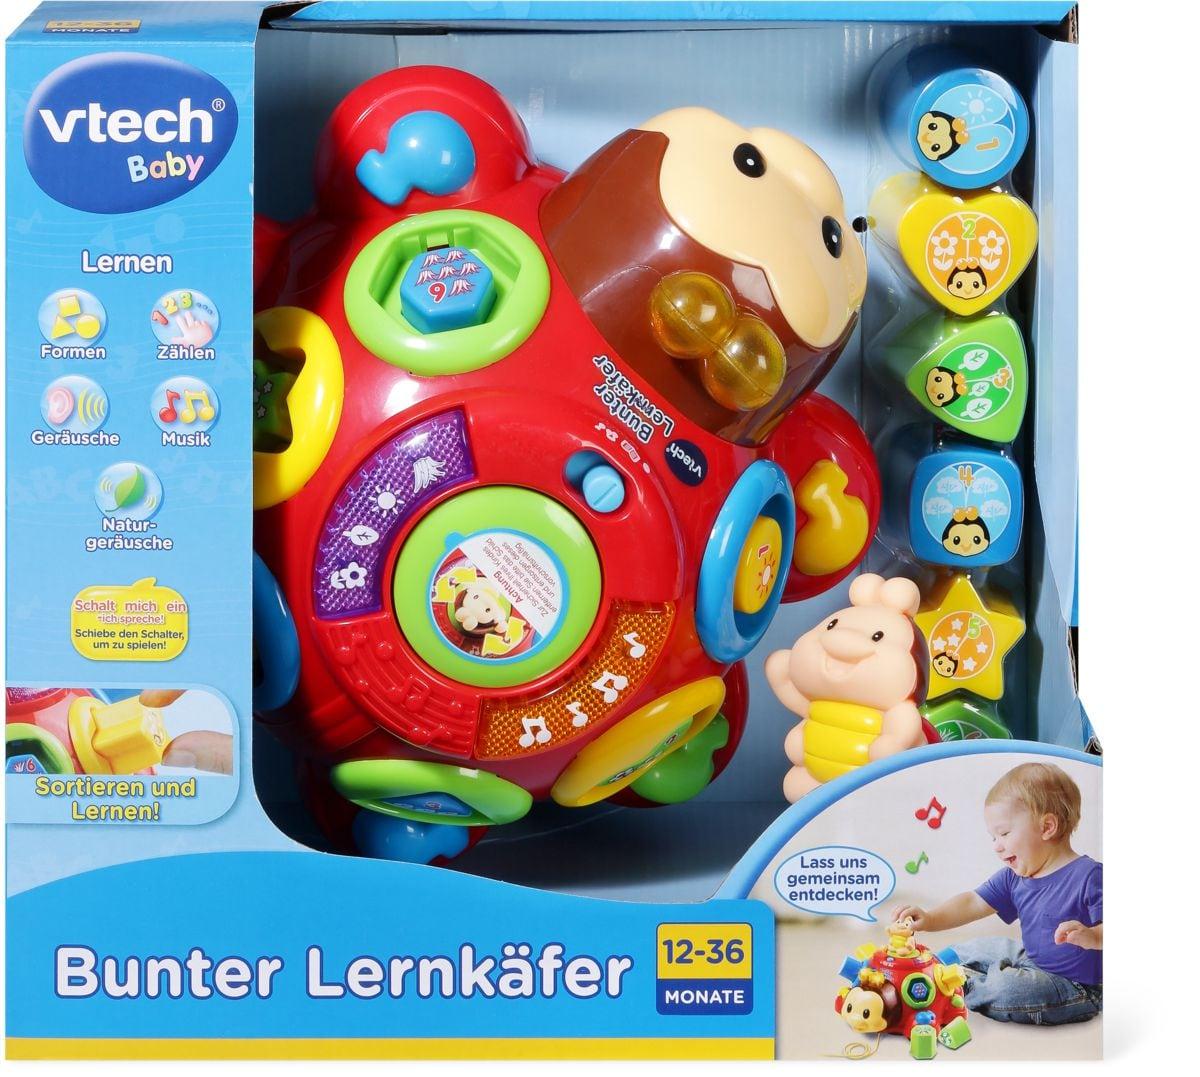 Vtech Bunter Lernkäfer (D)